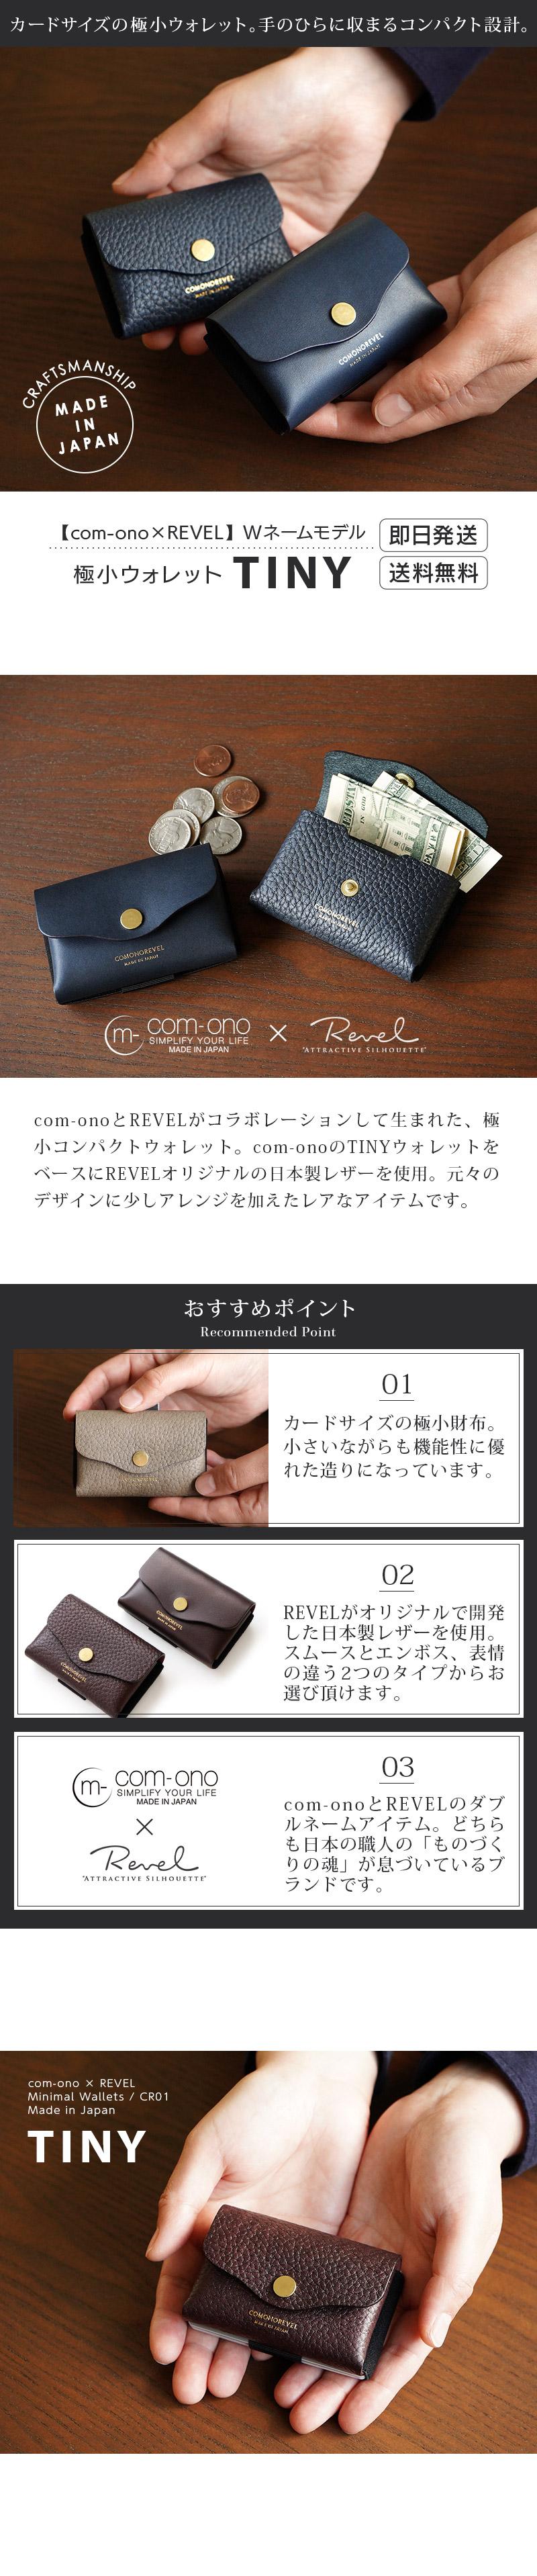 カードサイズの極小財布。小さいながらも機能性に優れた造りになっています。